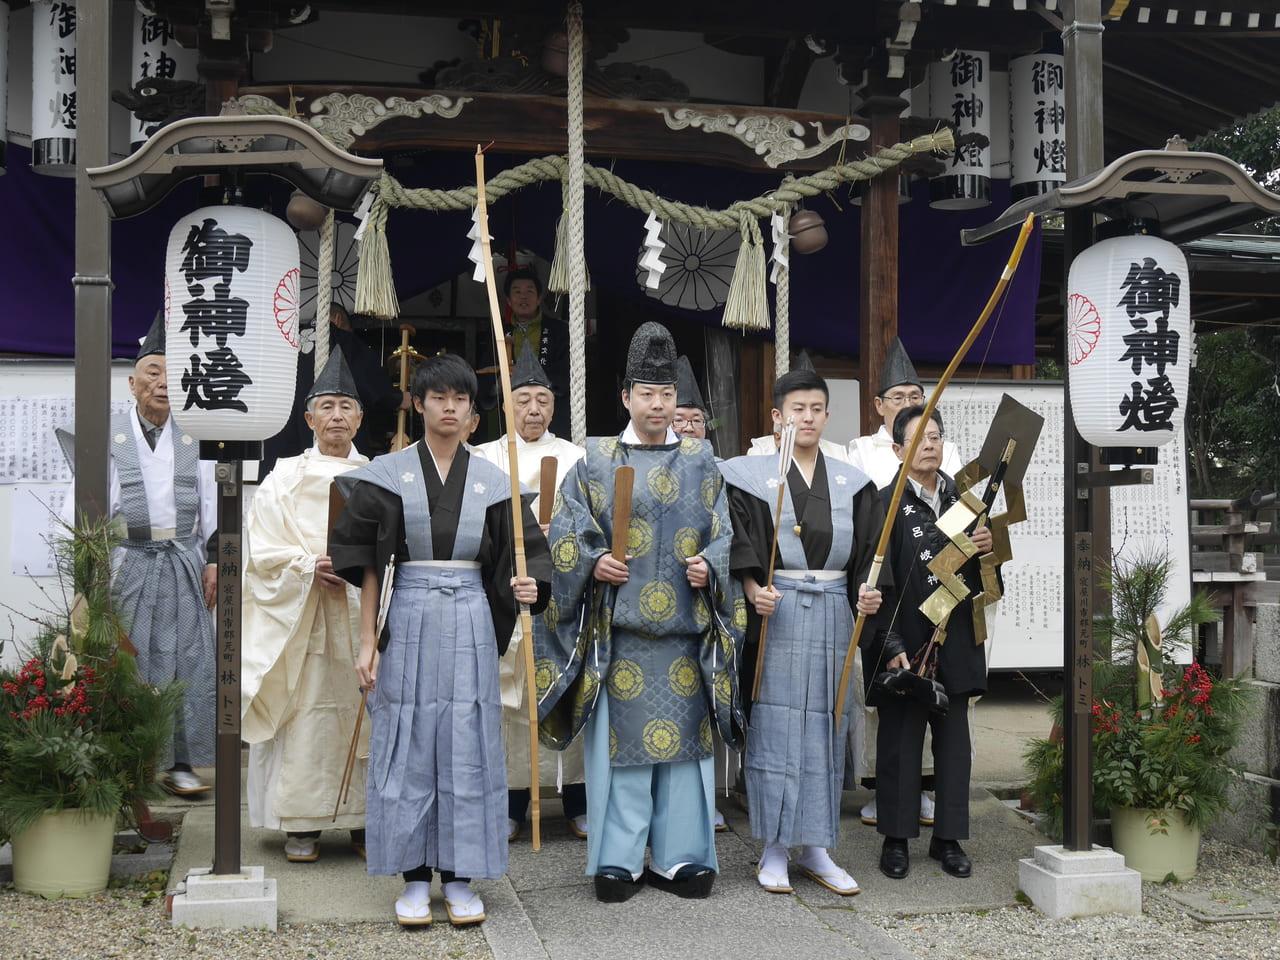 三井のお弓式